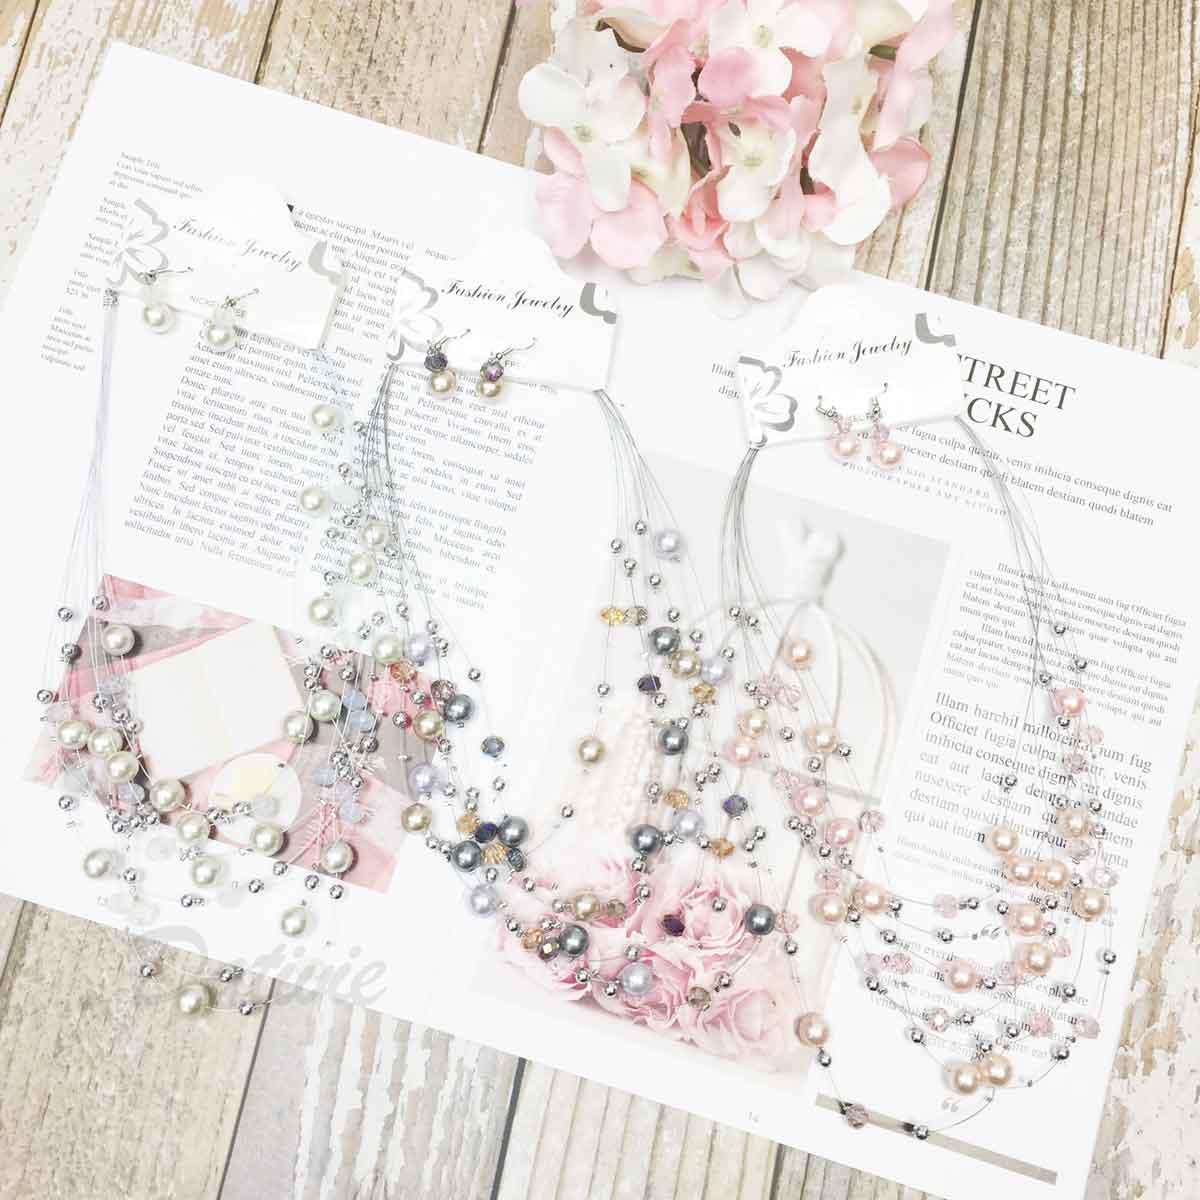 珍珠 小銀珠 透色水晶 寶石 垂墜感耳勾式耳環 項鍊耳環套組